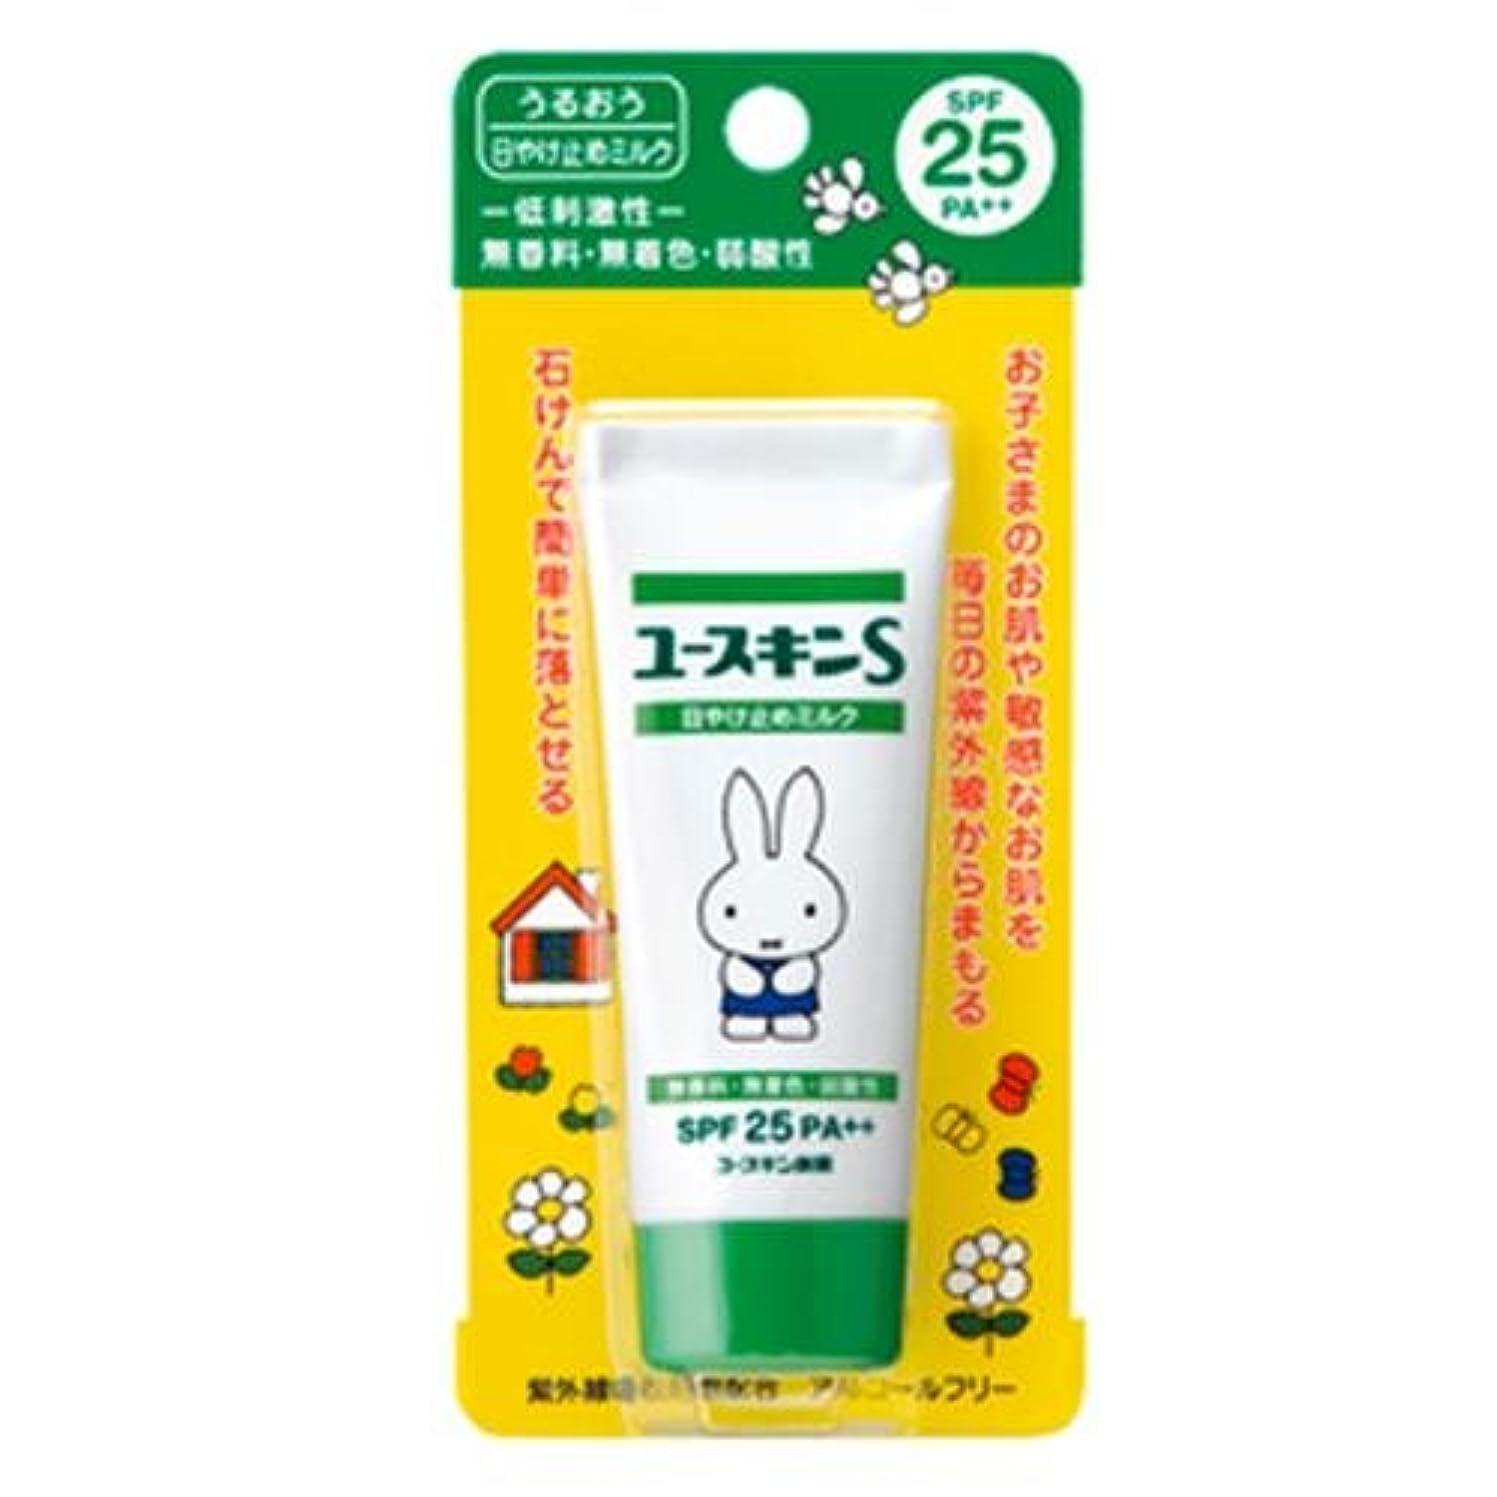 慢なきゅうりとまり木ユースキンS UVミルク SPF25 PA++ 40g (敏感肌用 日焼け止め)